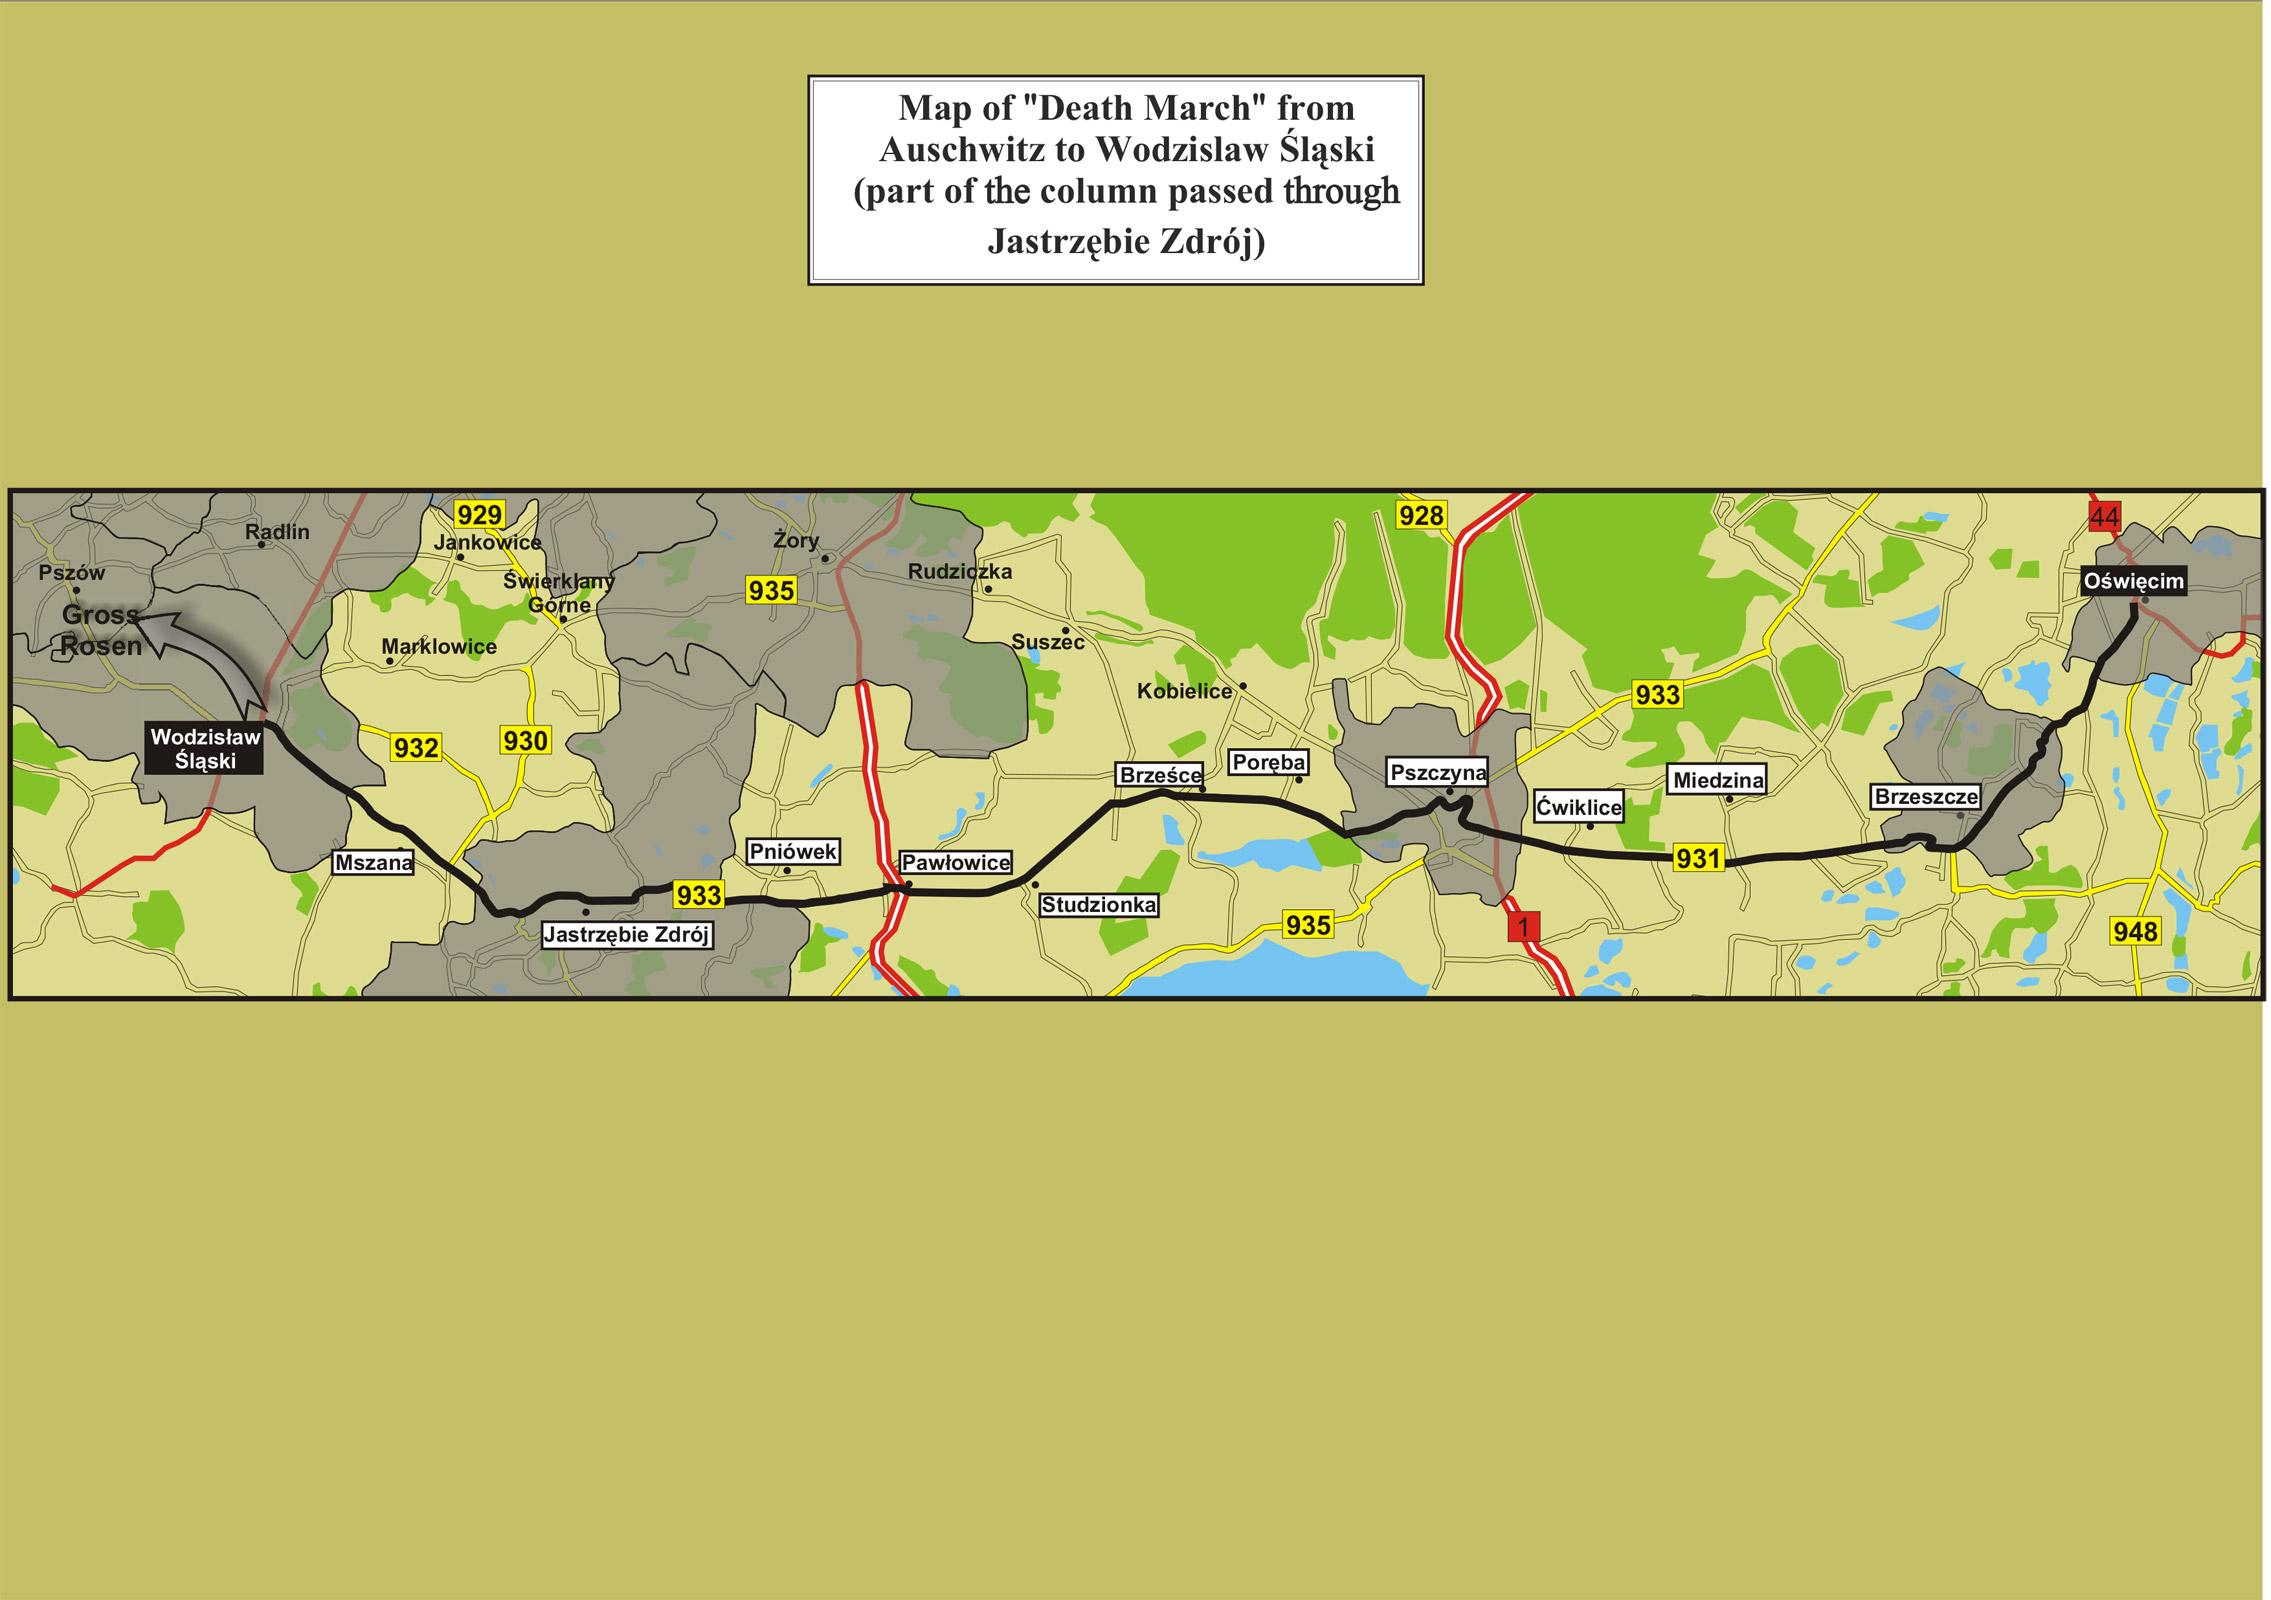 Map-of-death-march-from-Auschwitz-to-Wodzisław-Śląski-passing-through-Jastrzębie-Zdrój